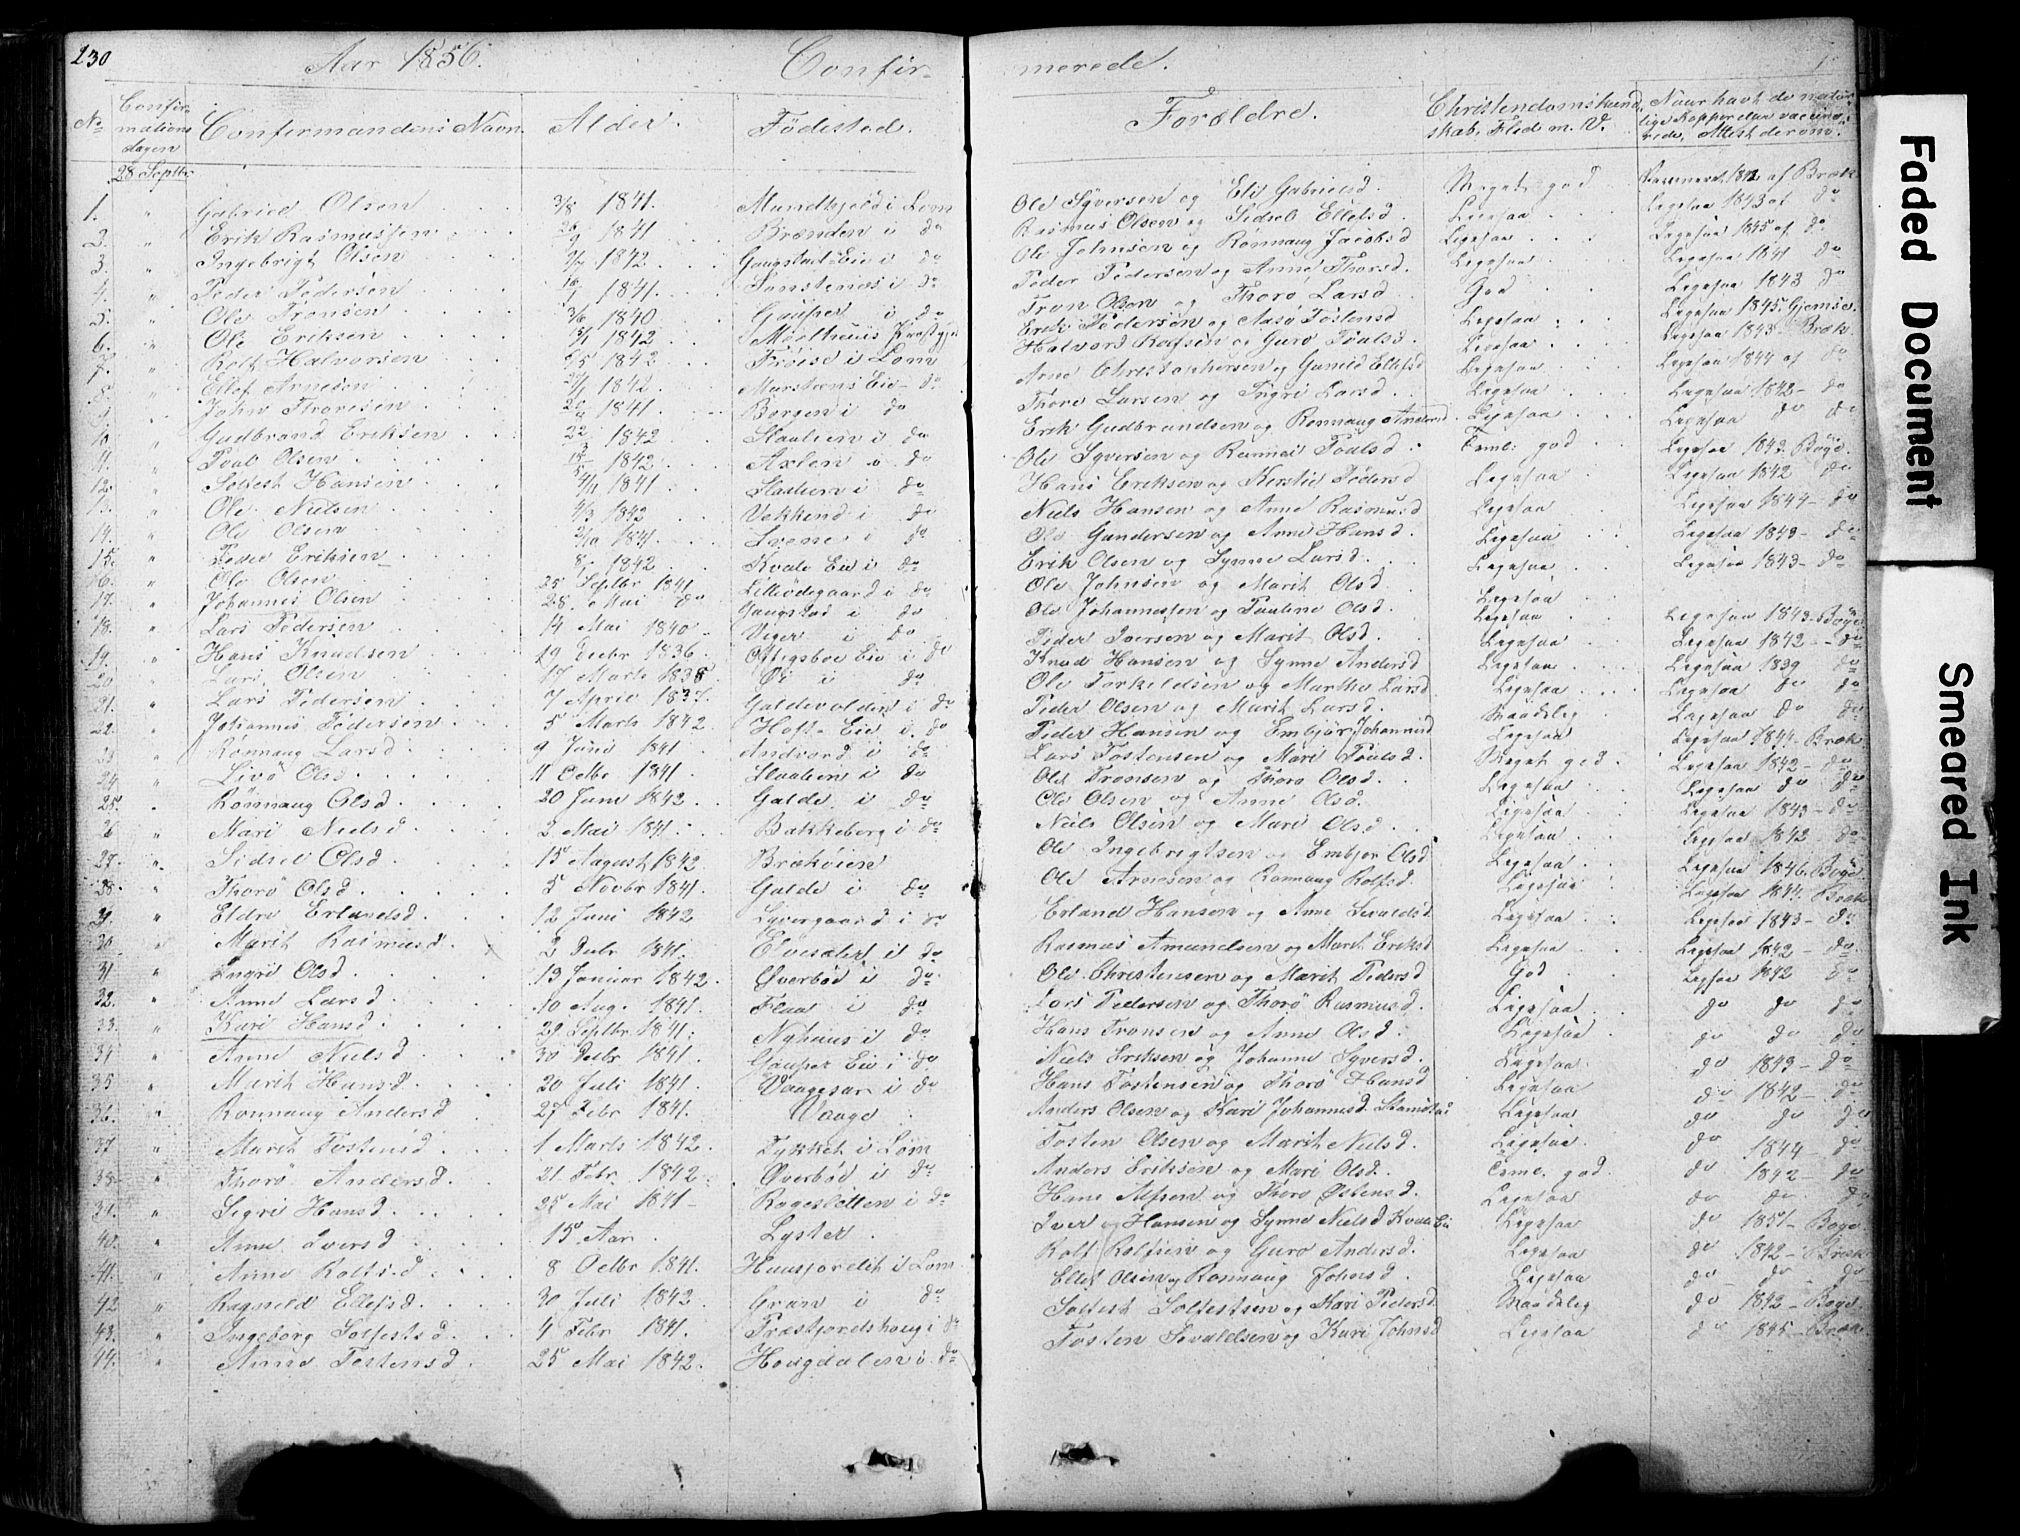 SAH, Lom prestekontor, L/L0012: Klokkerbok nr. 12, 1845-1873, s. 230-231